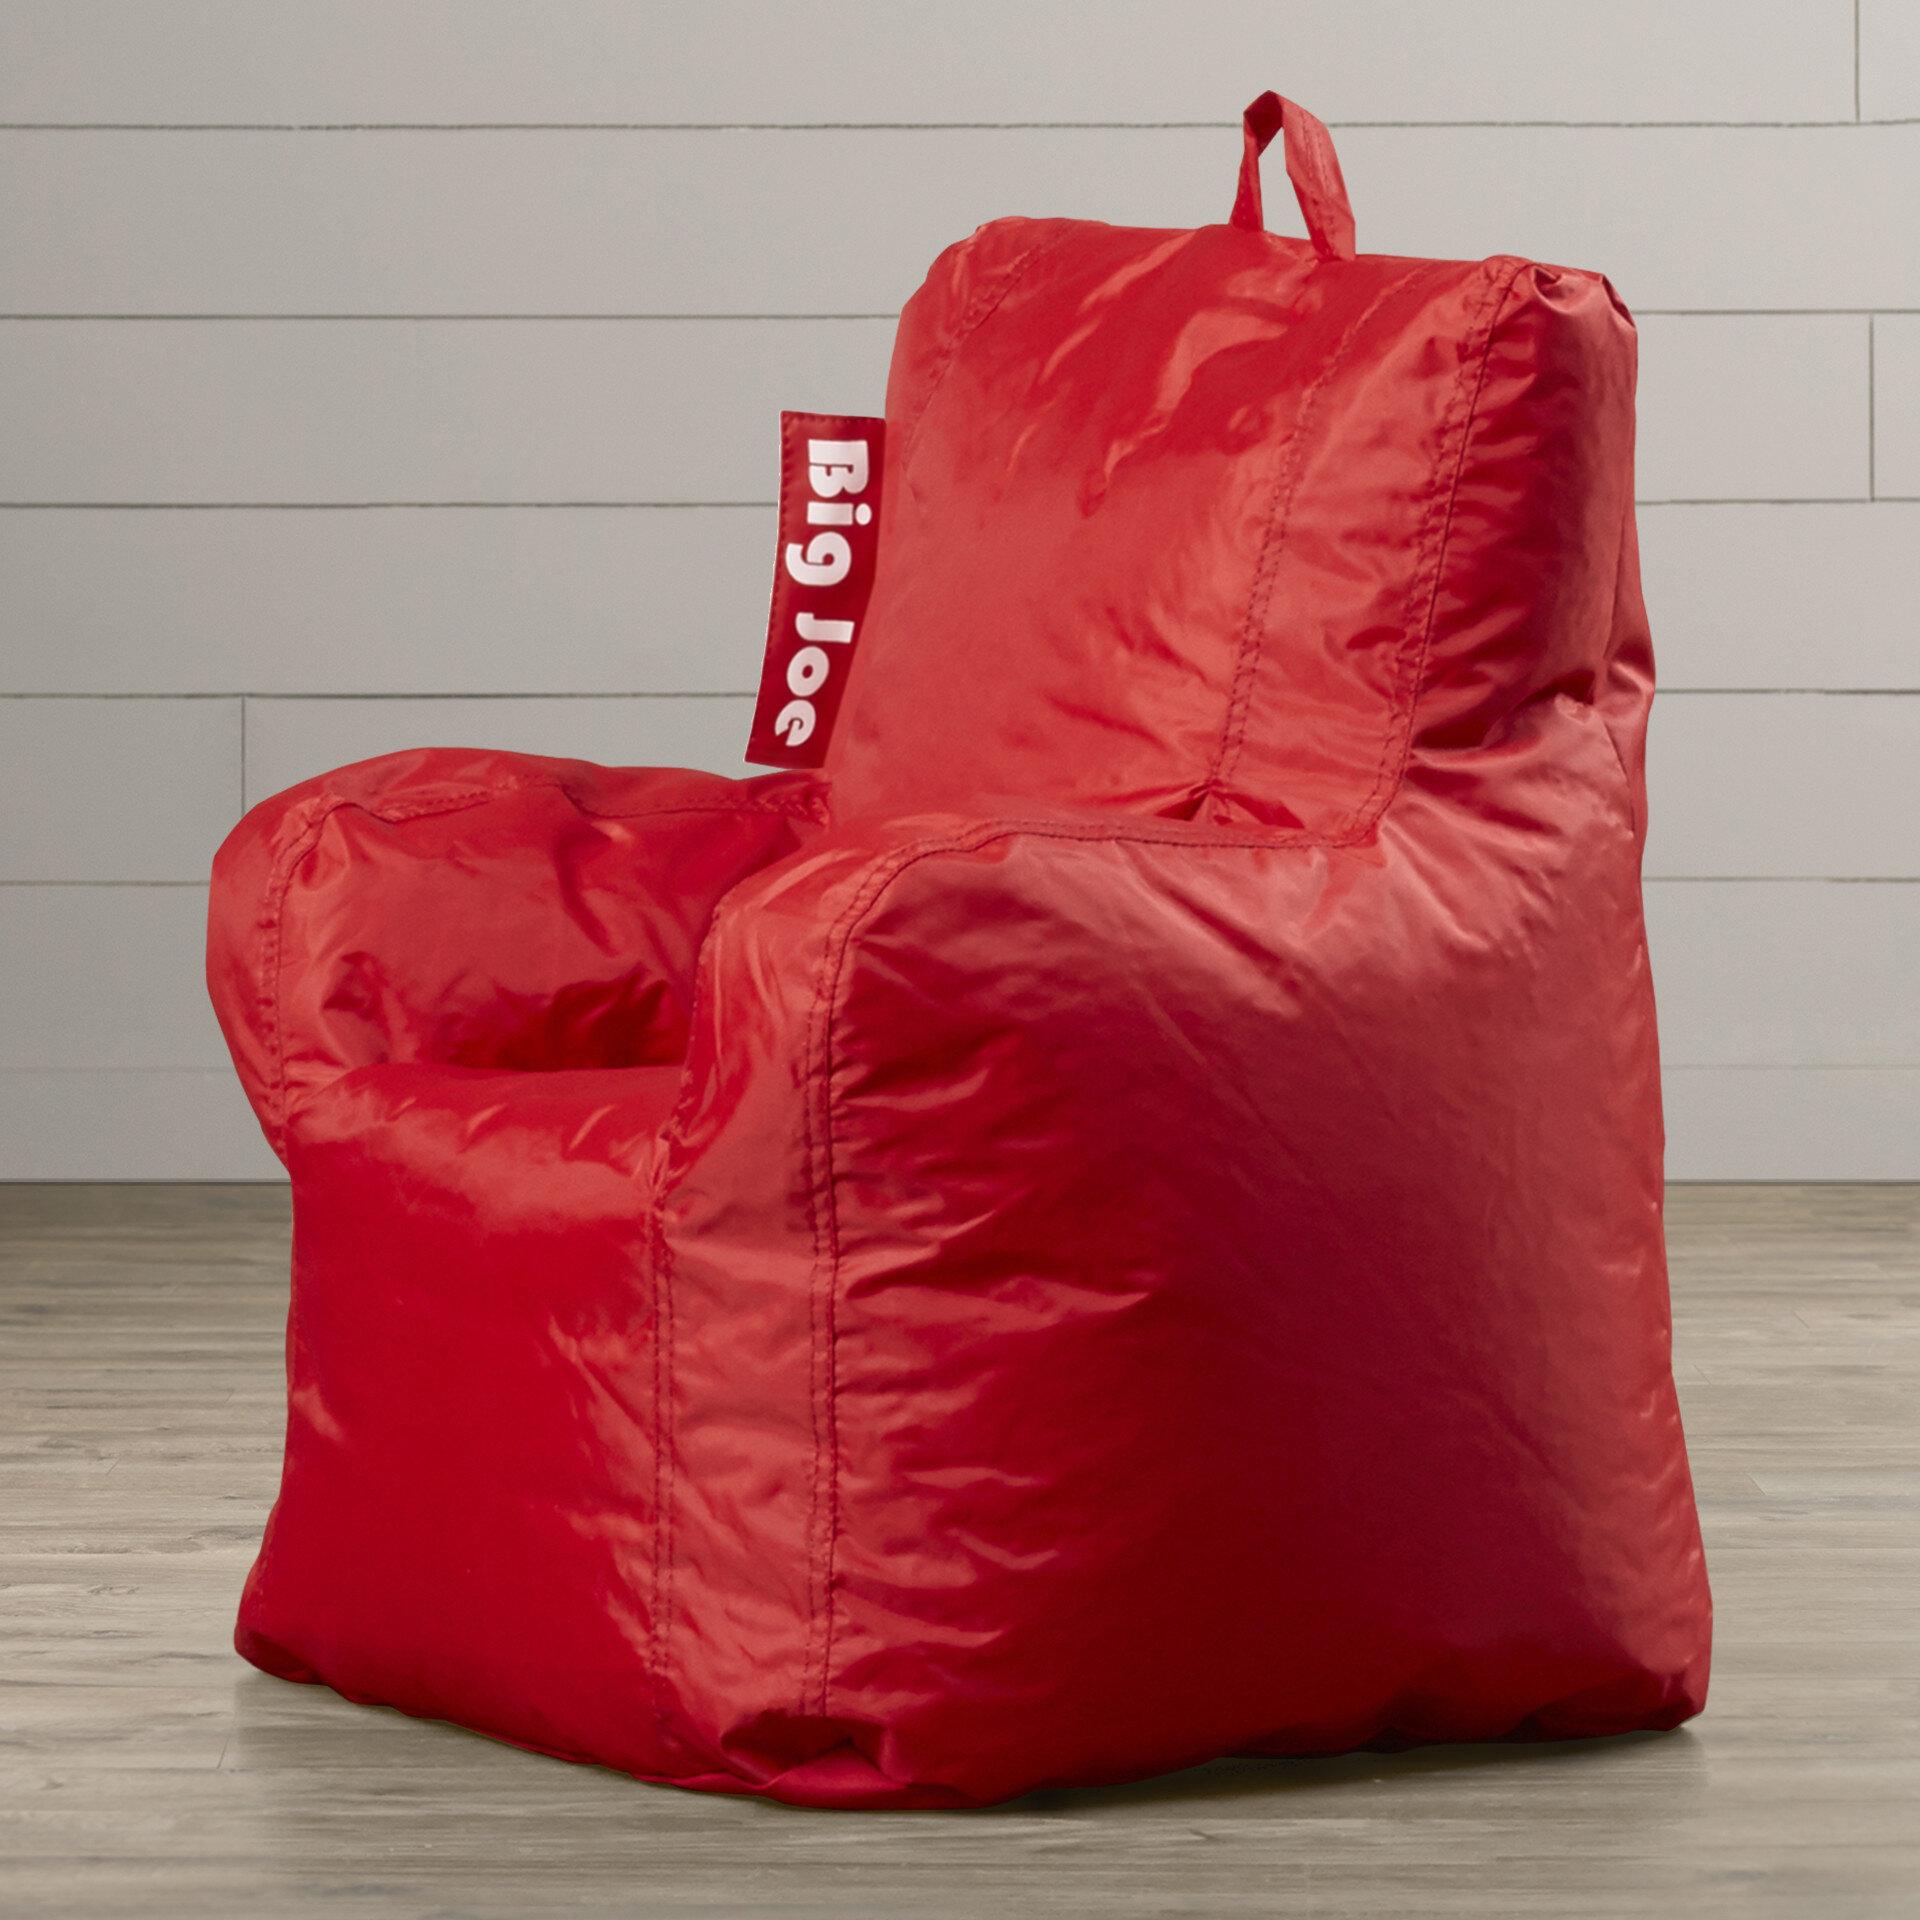 Joe Cuddle Children S Bean Bag Lounger